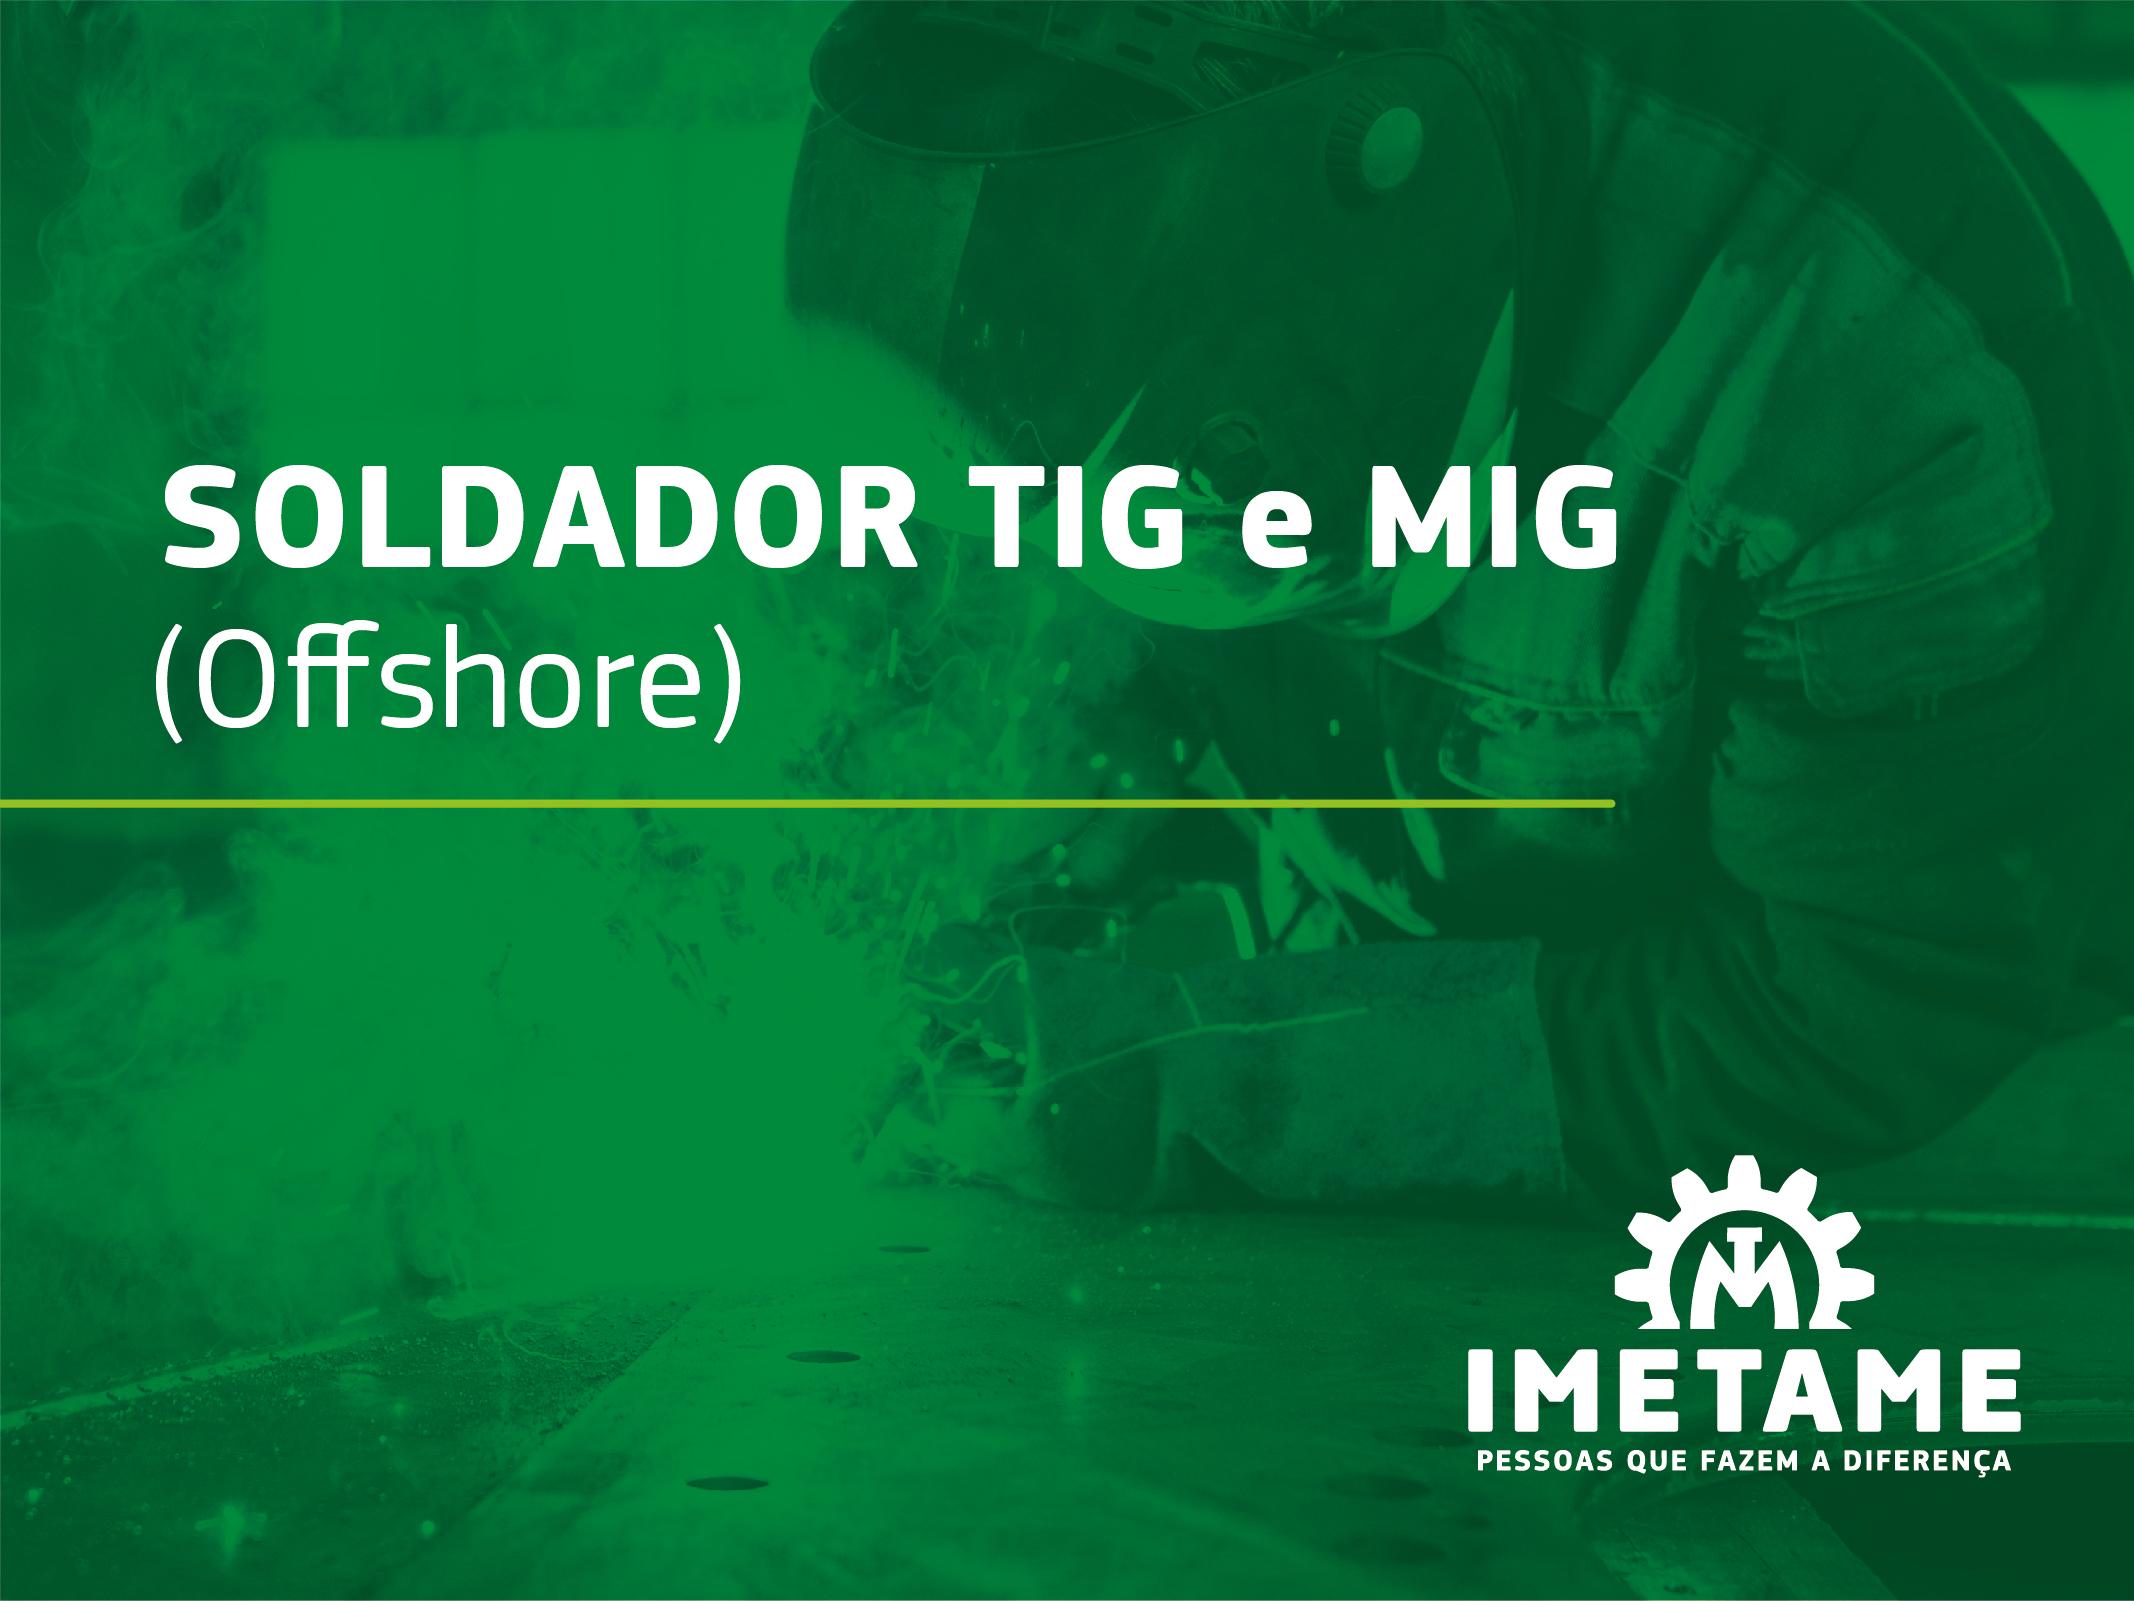 Soldador TIG e MIG – Offshore